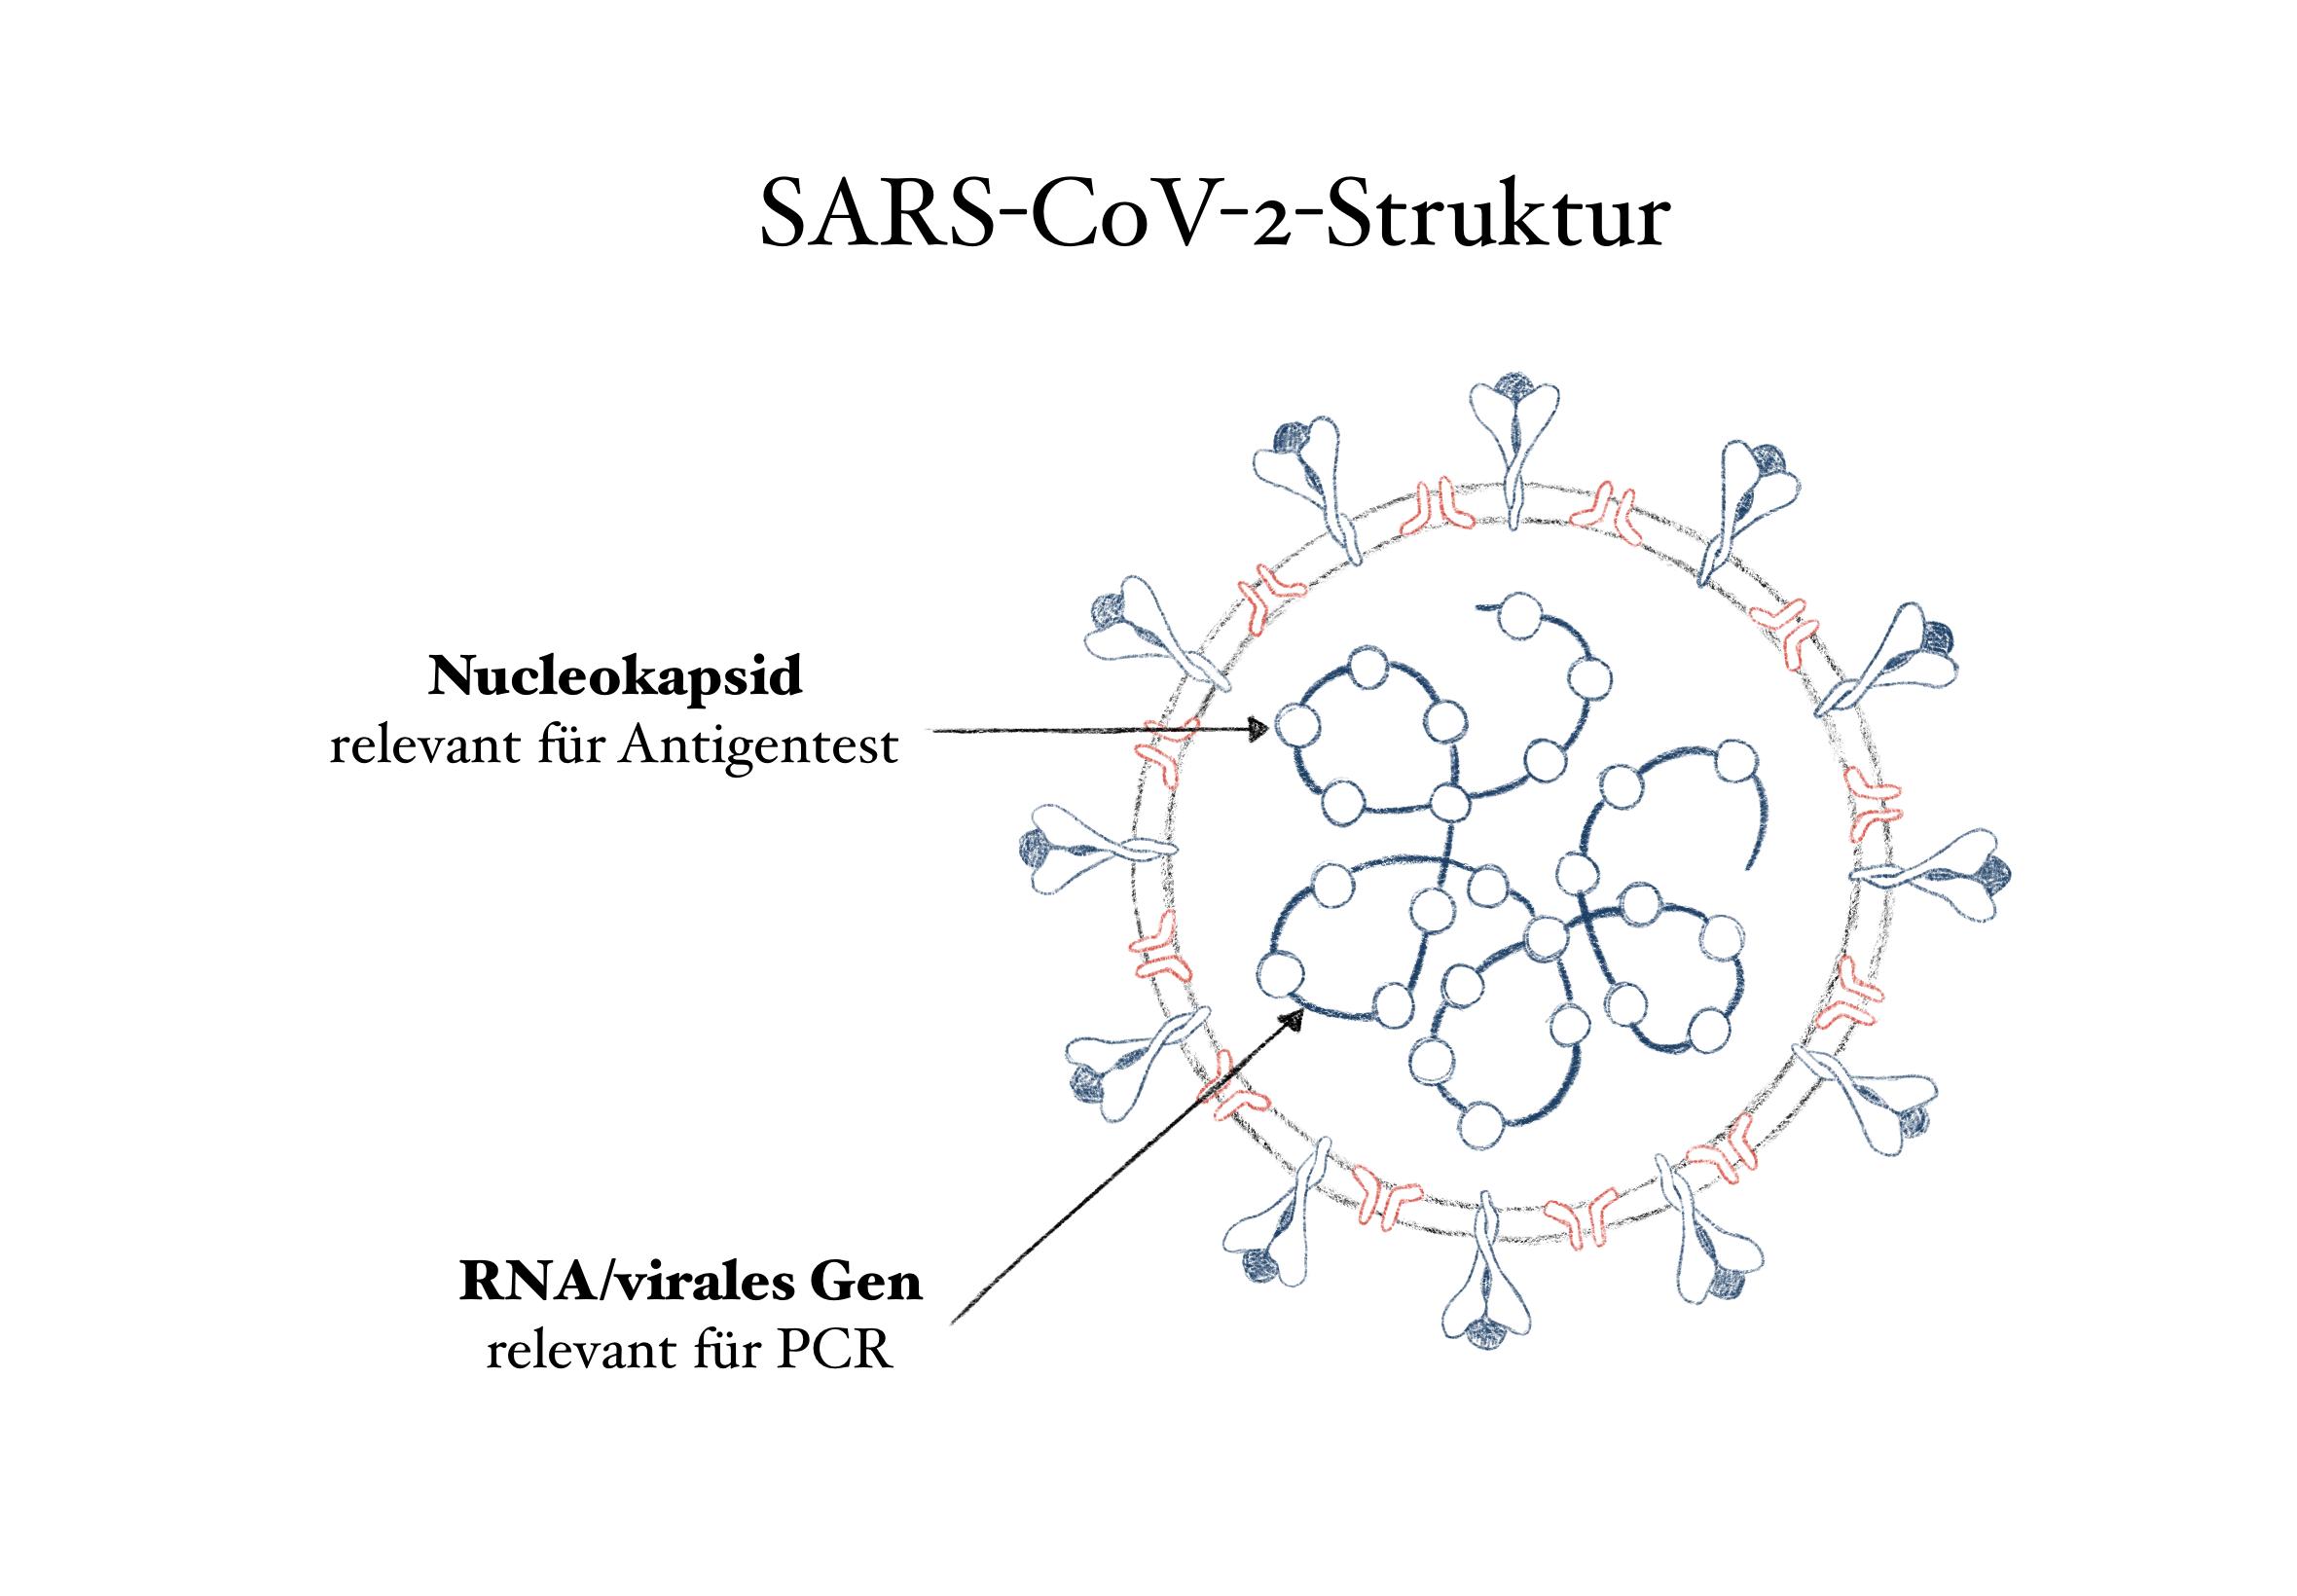 Struktur von SARS-CoV-2 Viren